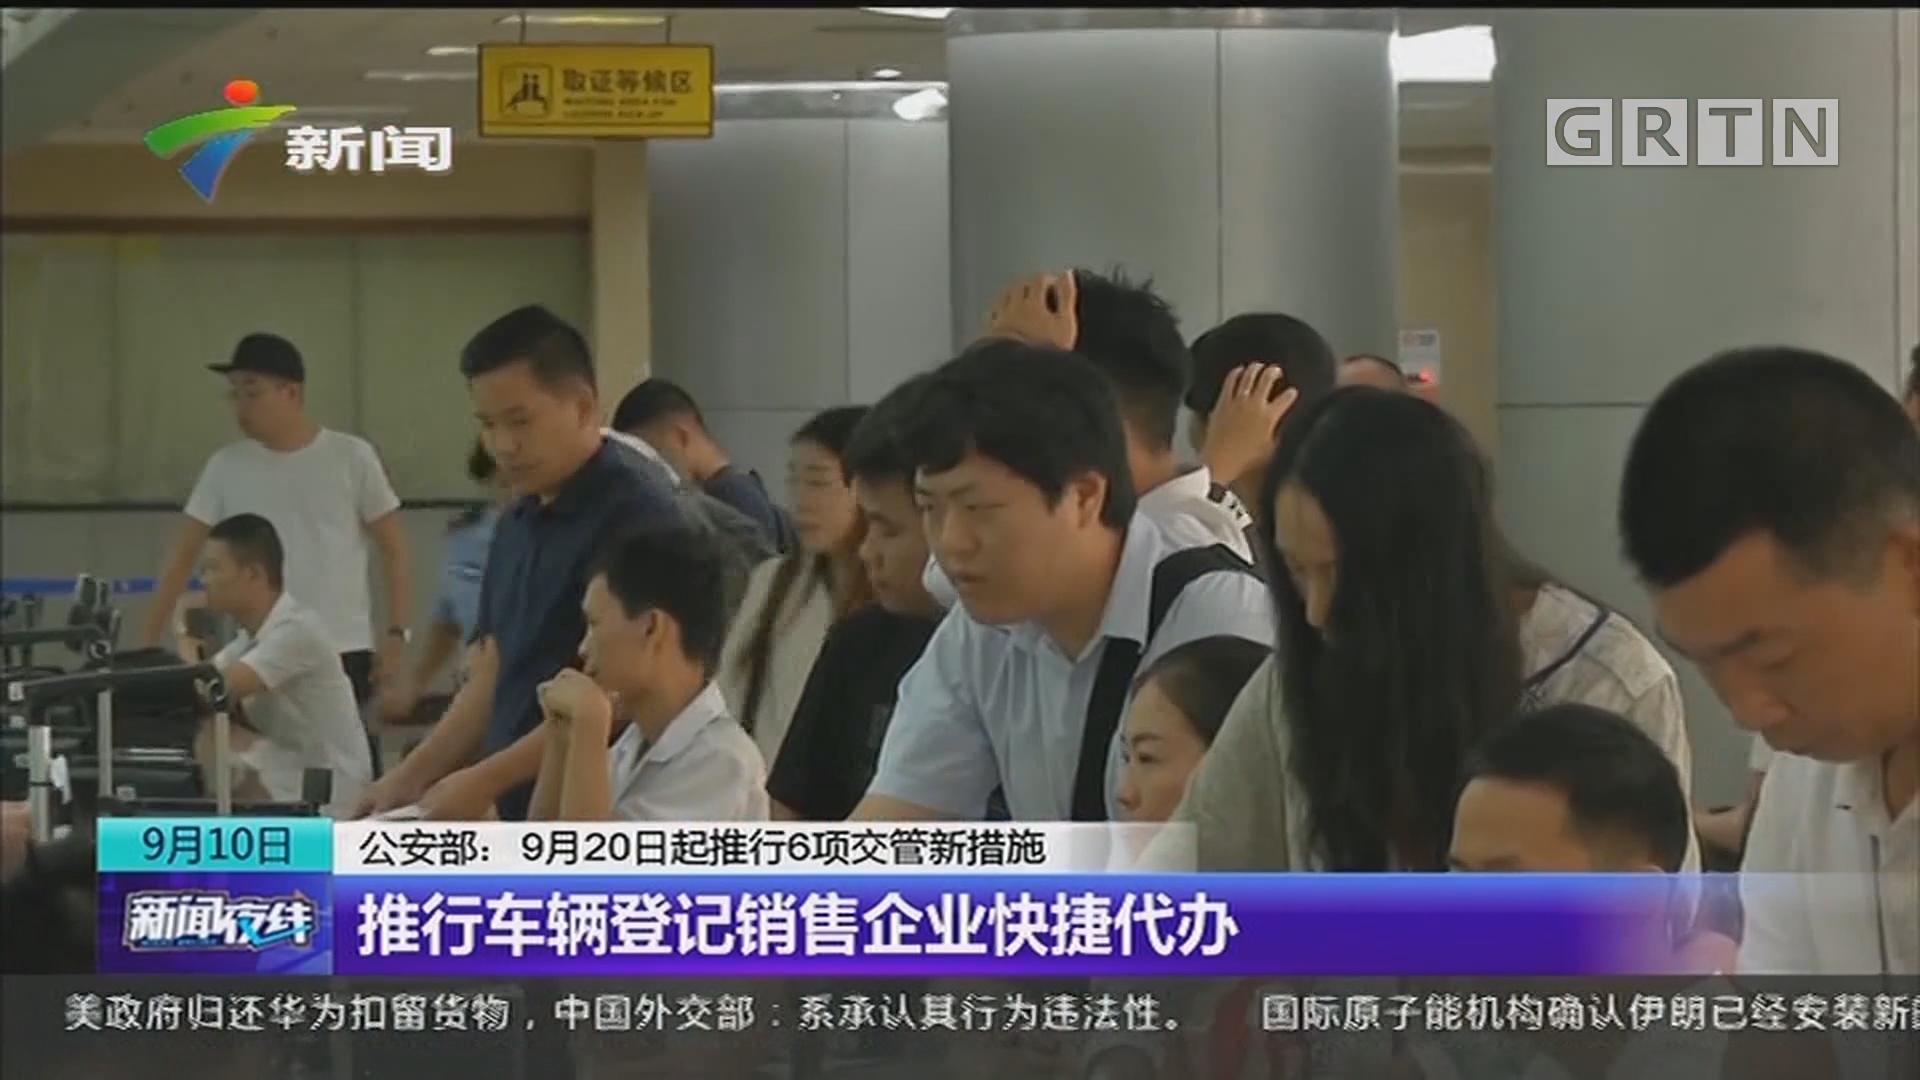 公安部:9月20日起推行6项交管新措施 推行车辆登记销售企业快捷代办